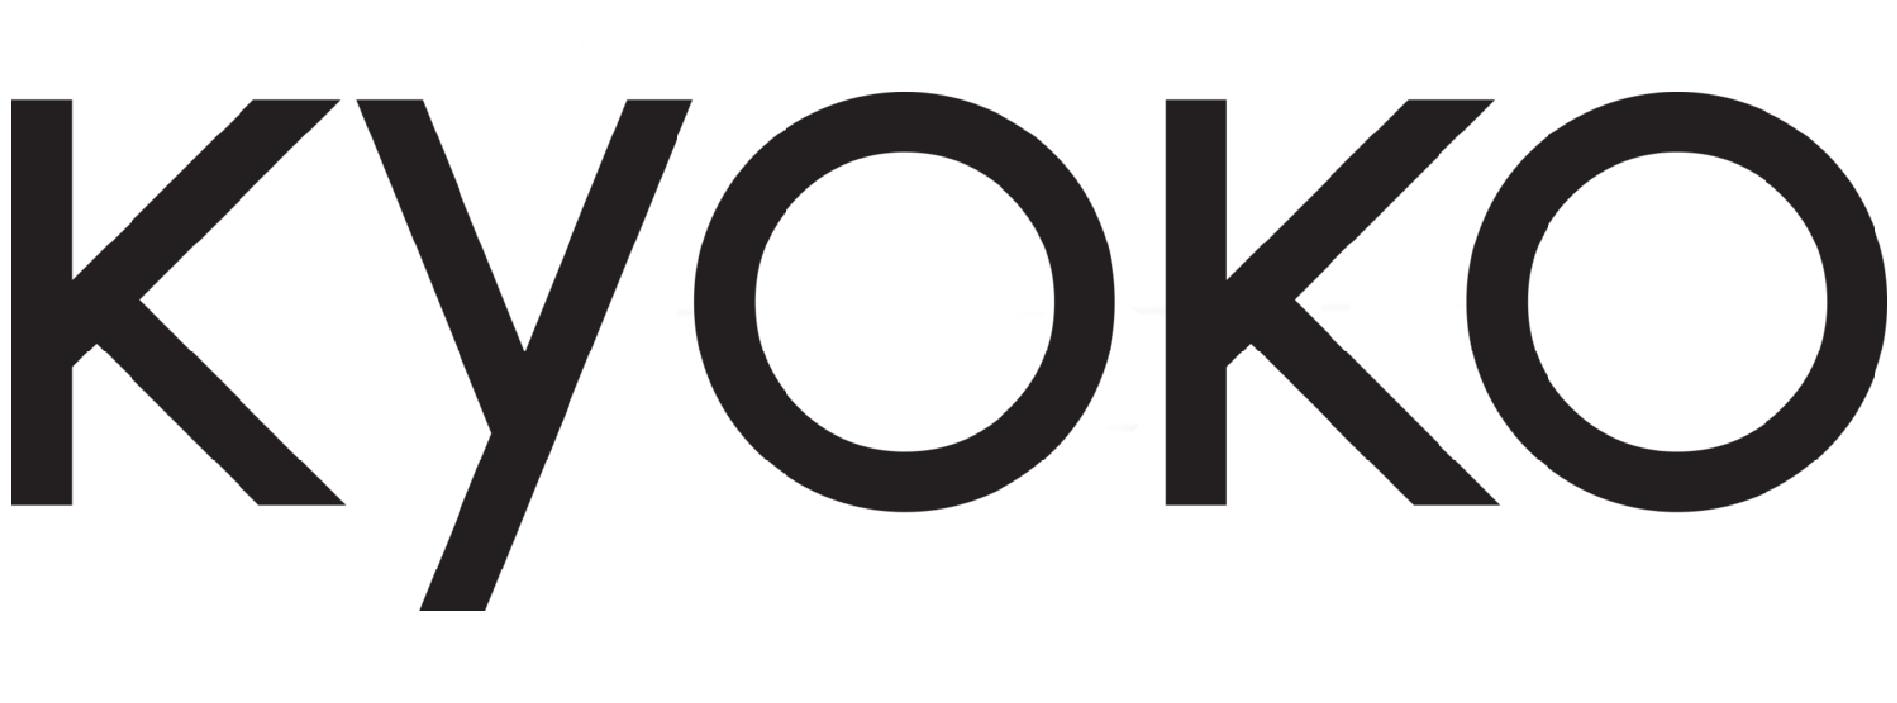 kyoko.png